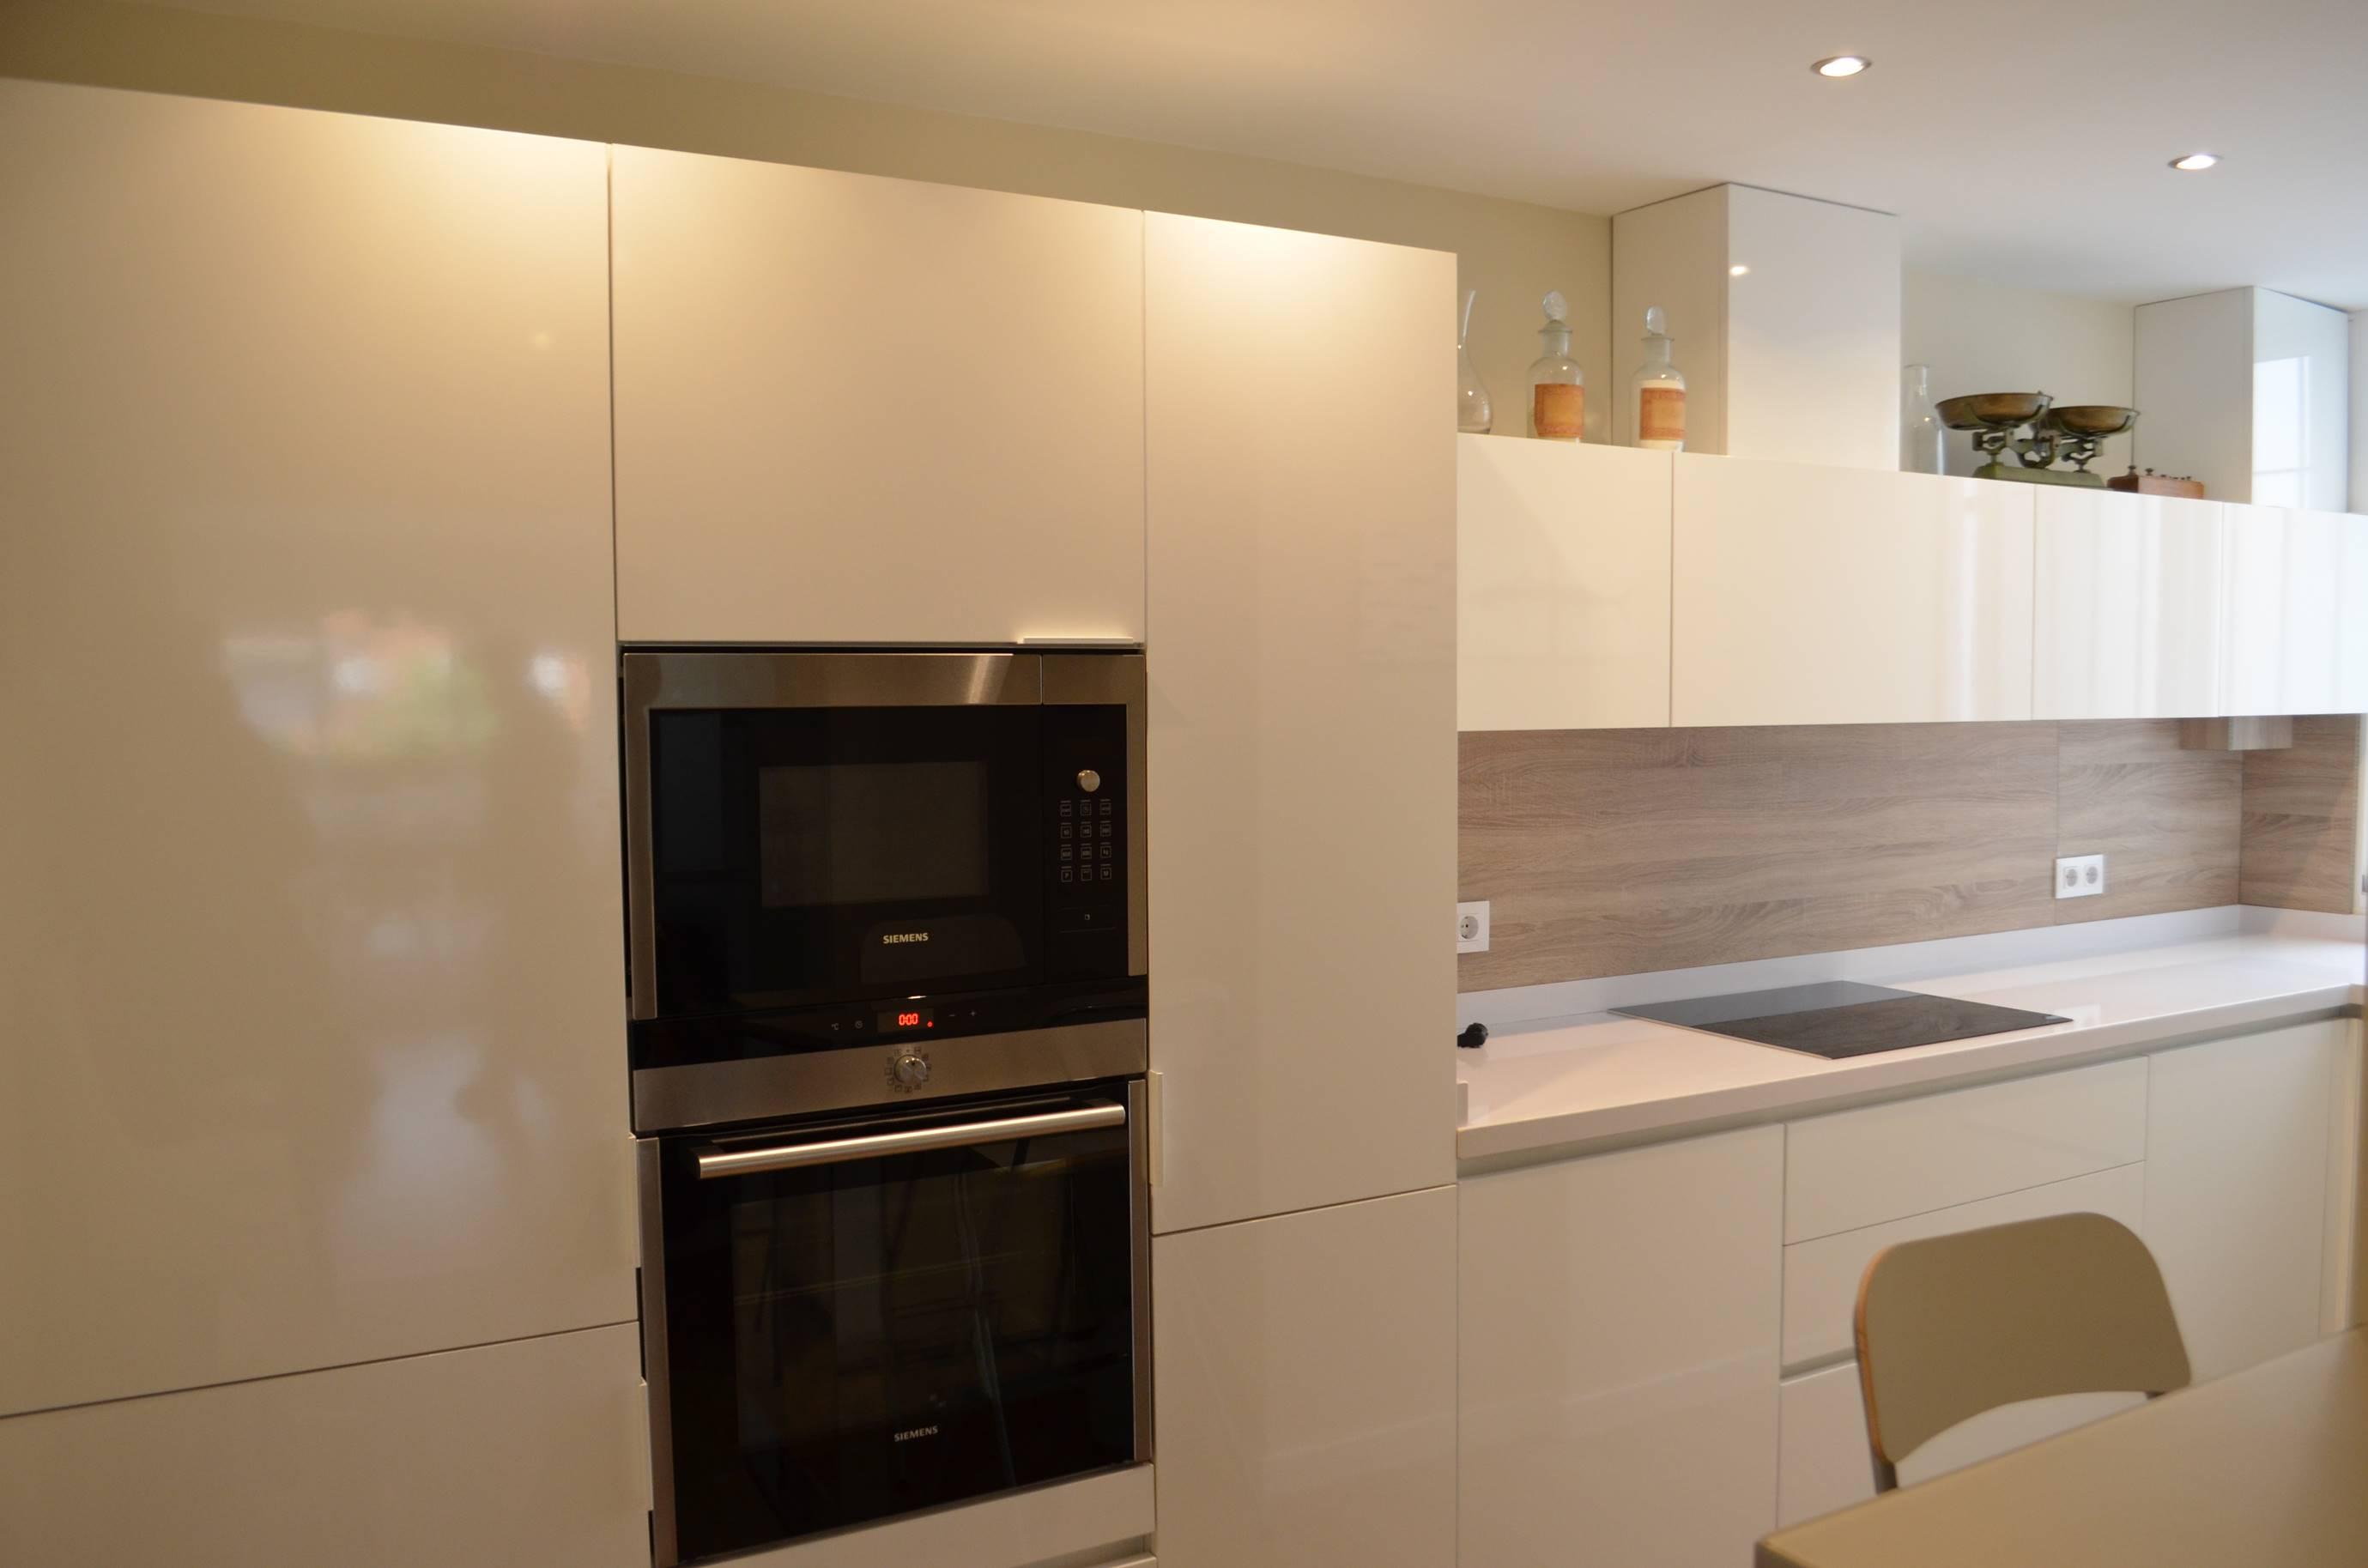 Cocina sin tirador blanca kocina sevilla - Cocinas de diseno en sevilla ...